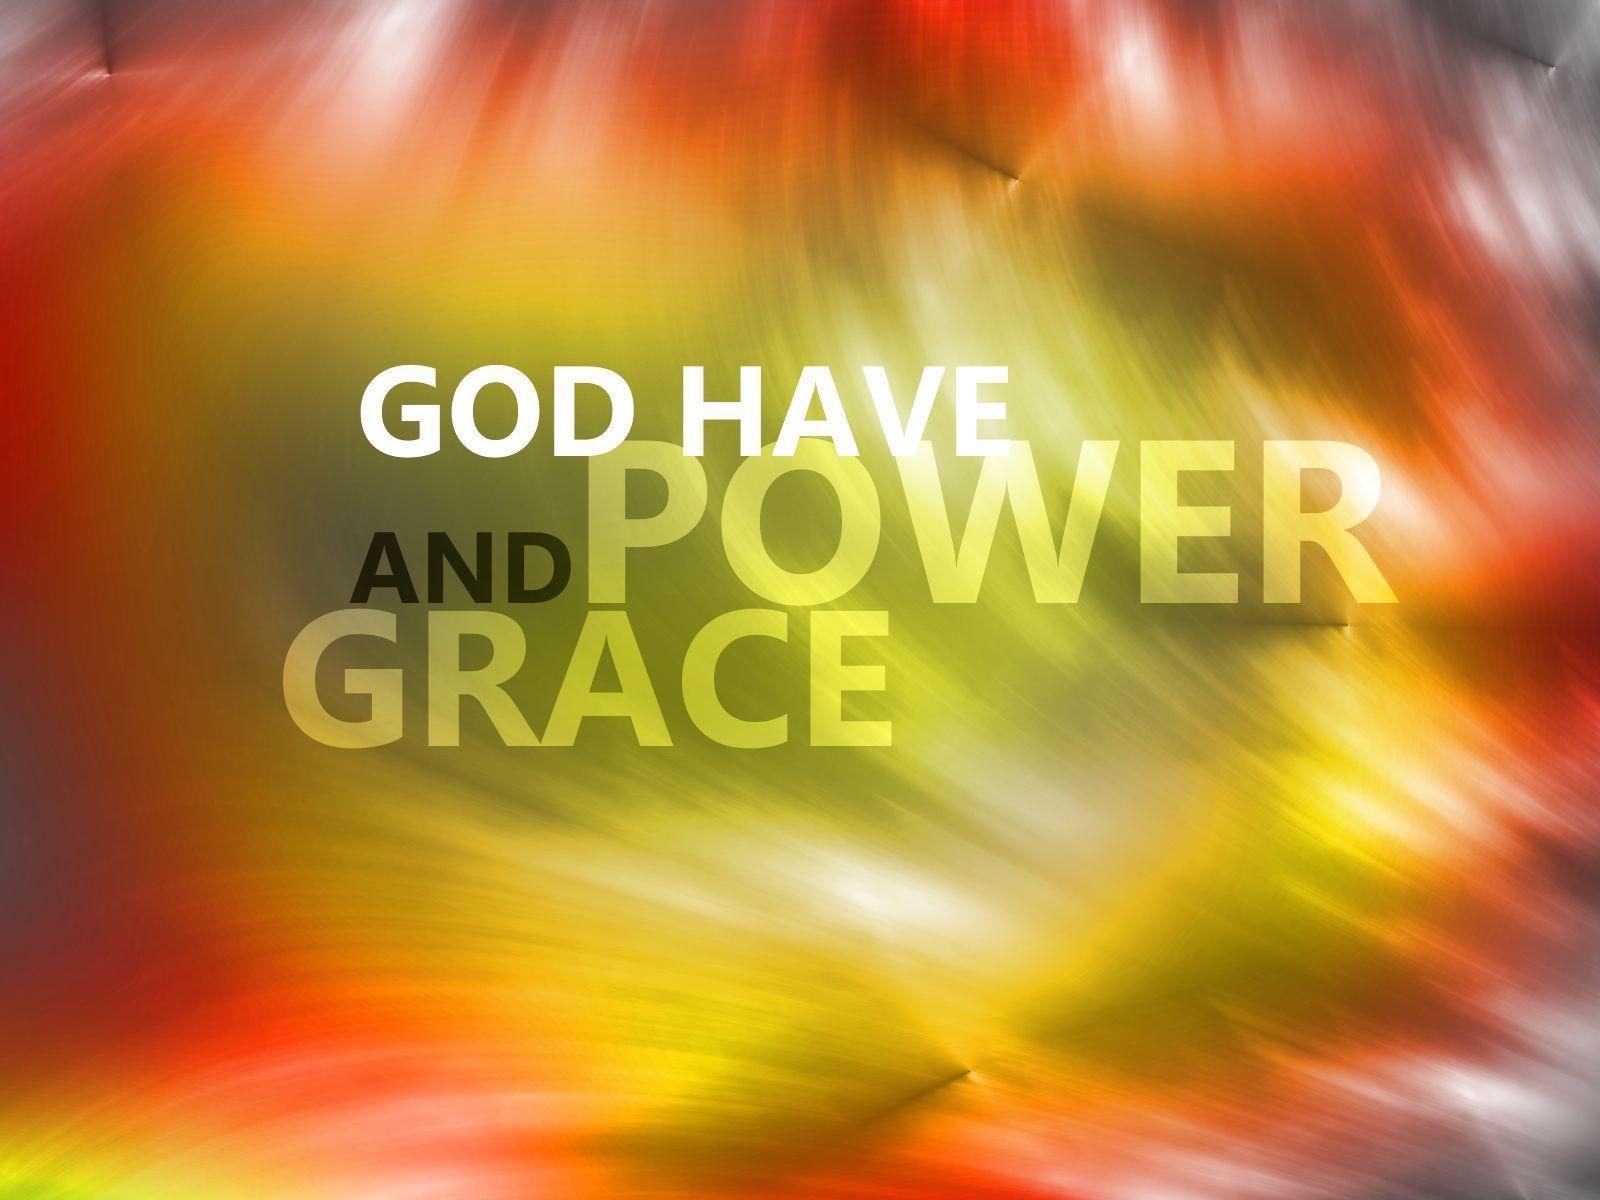 god images christian - photo #15